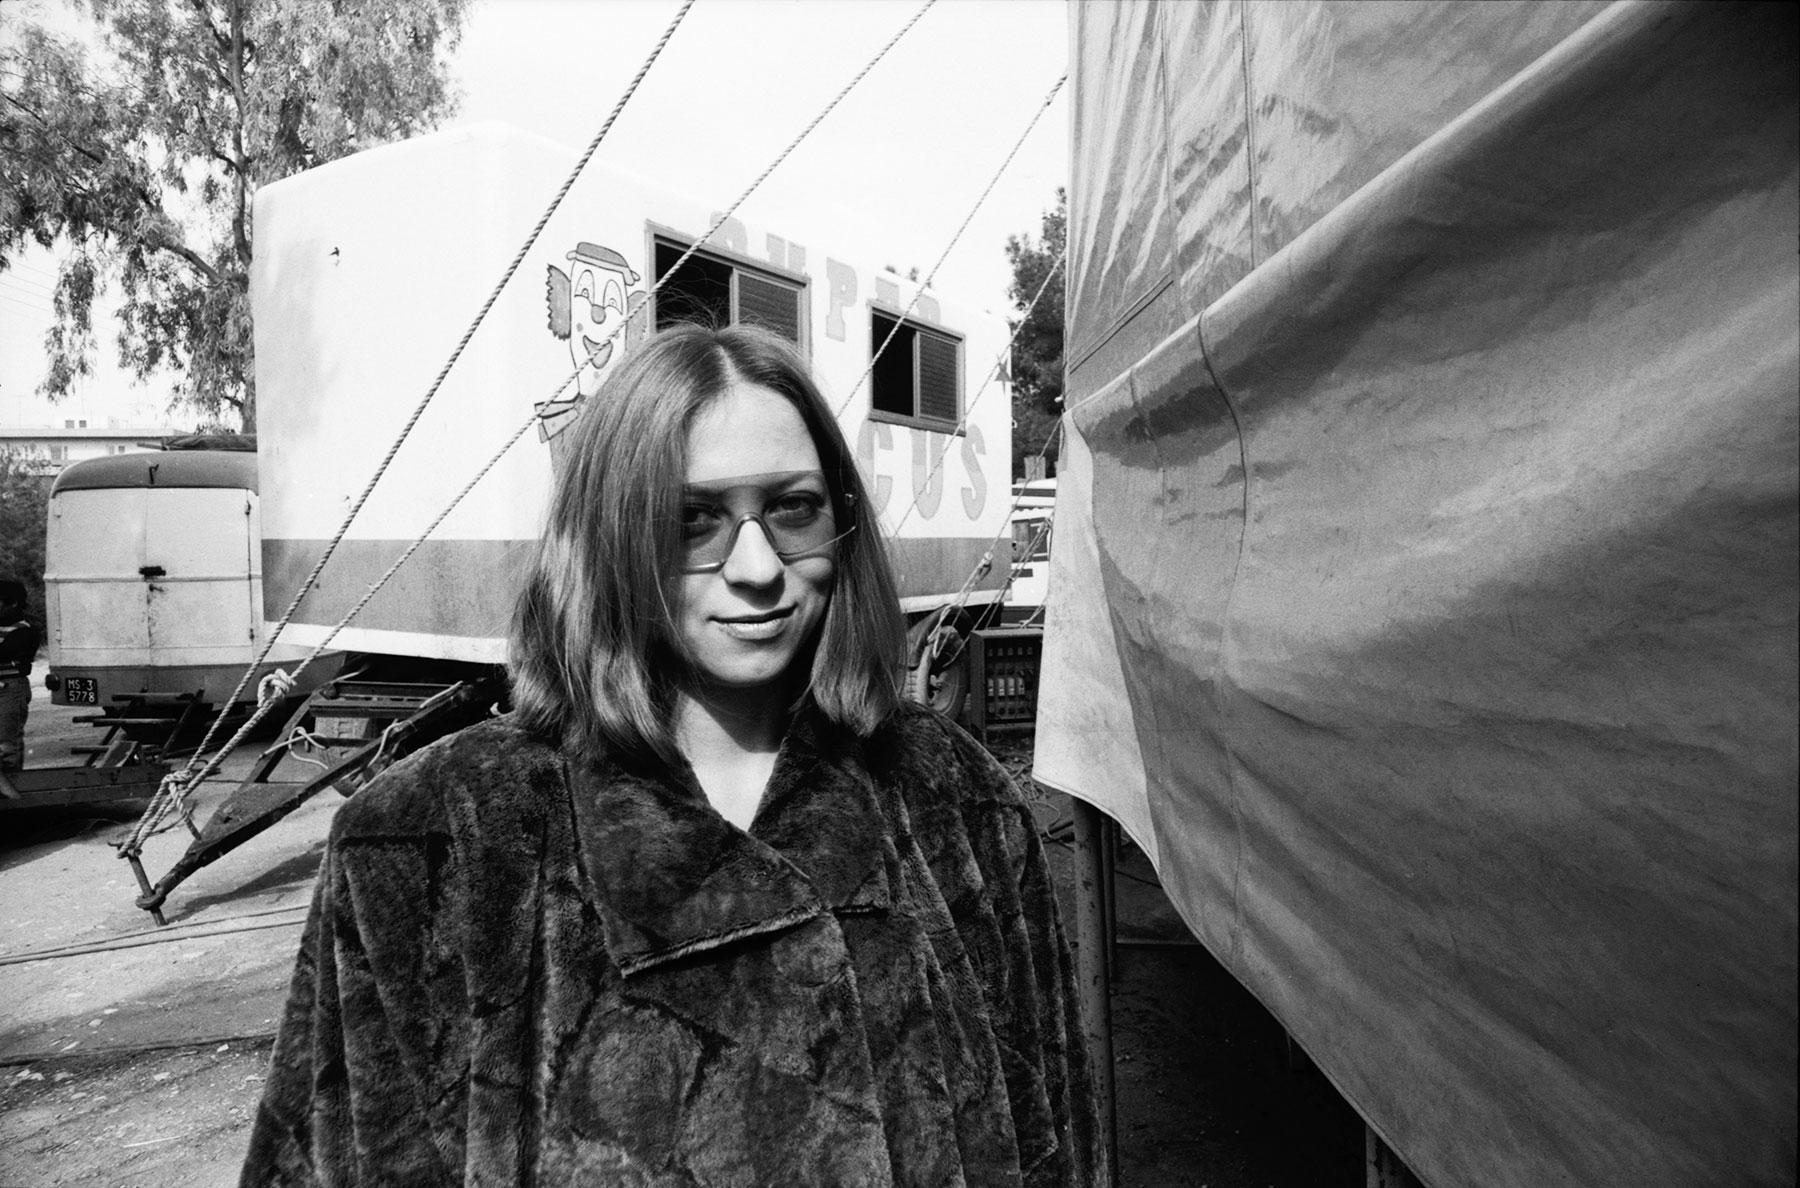 Η Λένα Πλάτωνος στο τσίρκο Curatola (Harlem) στη Νέα Φιλαδέλφεια, 1986